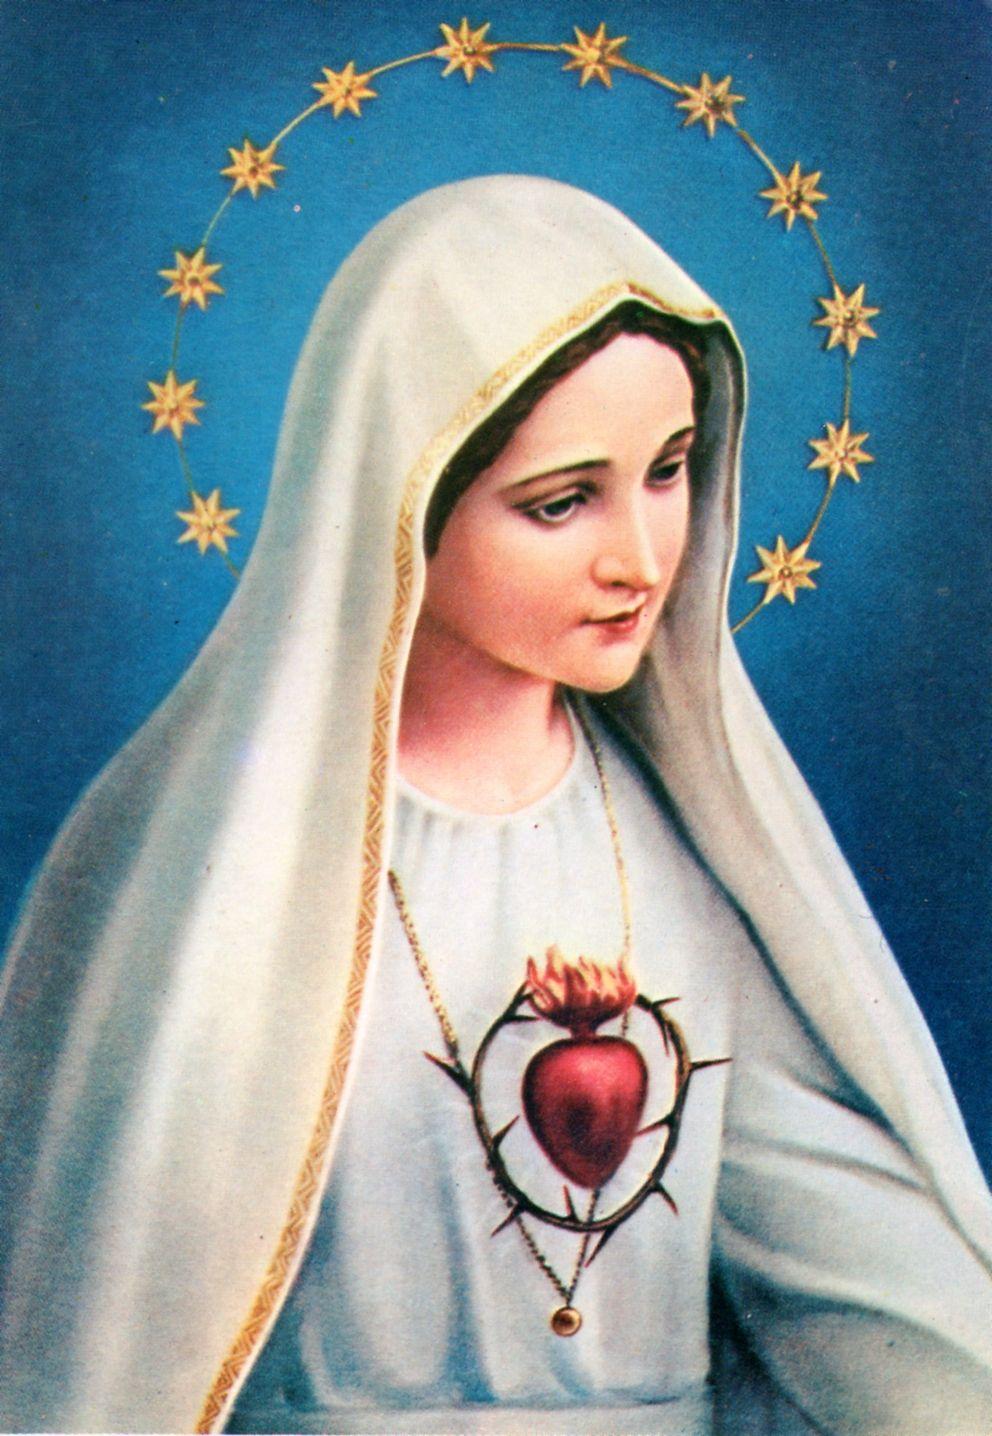 Corazon Inmaculado De Maria De Fatima Cova De Iria 1917 Oh